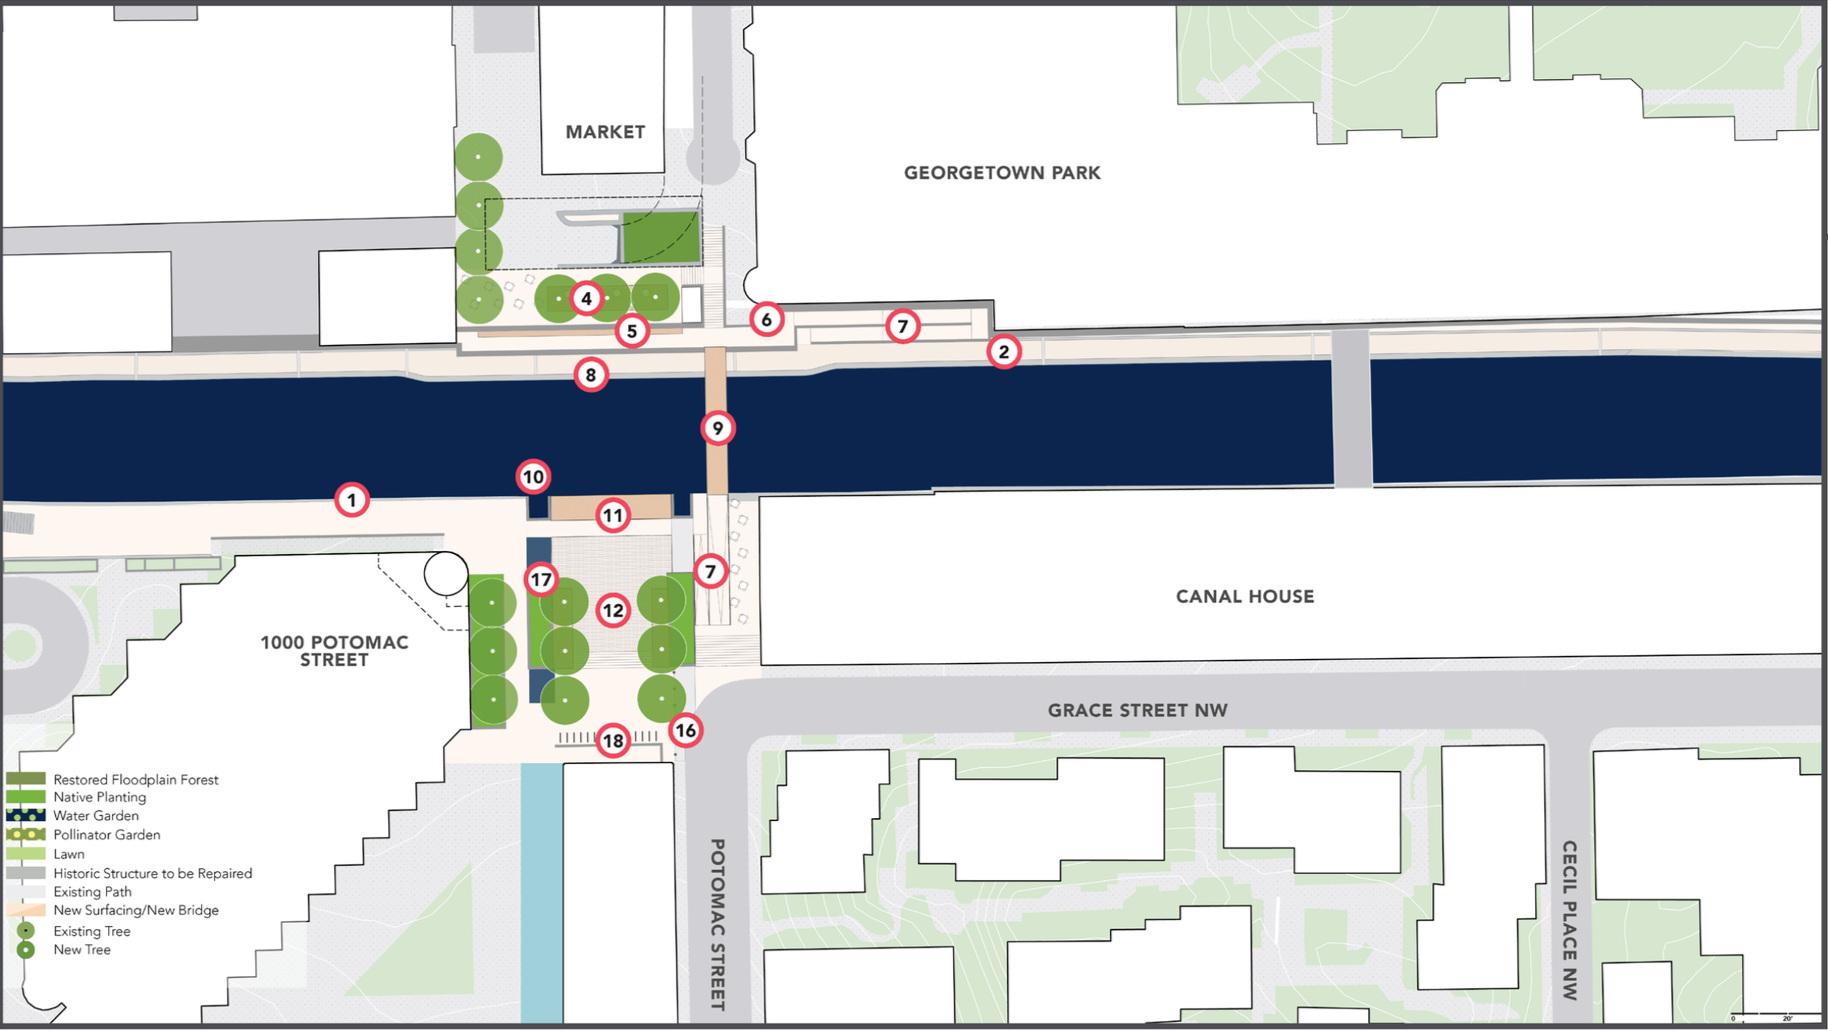 The Market Plazas - Option A